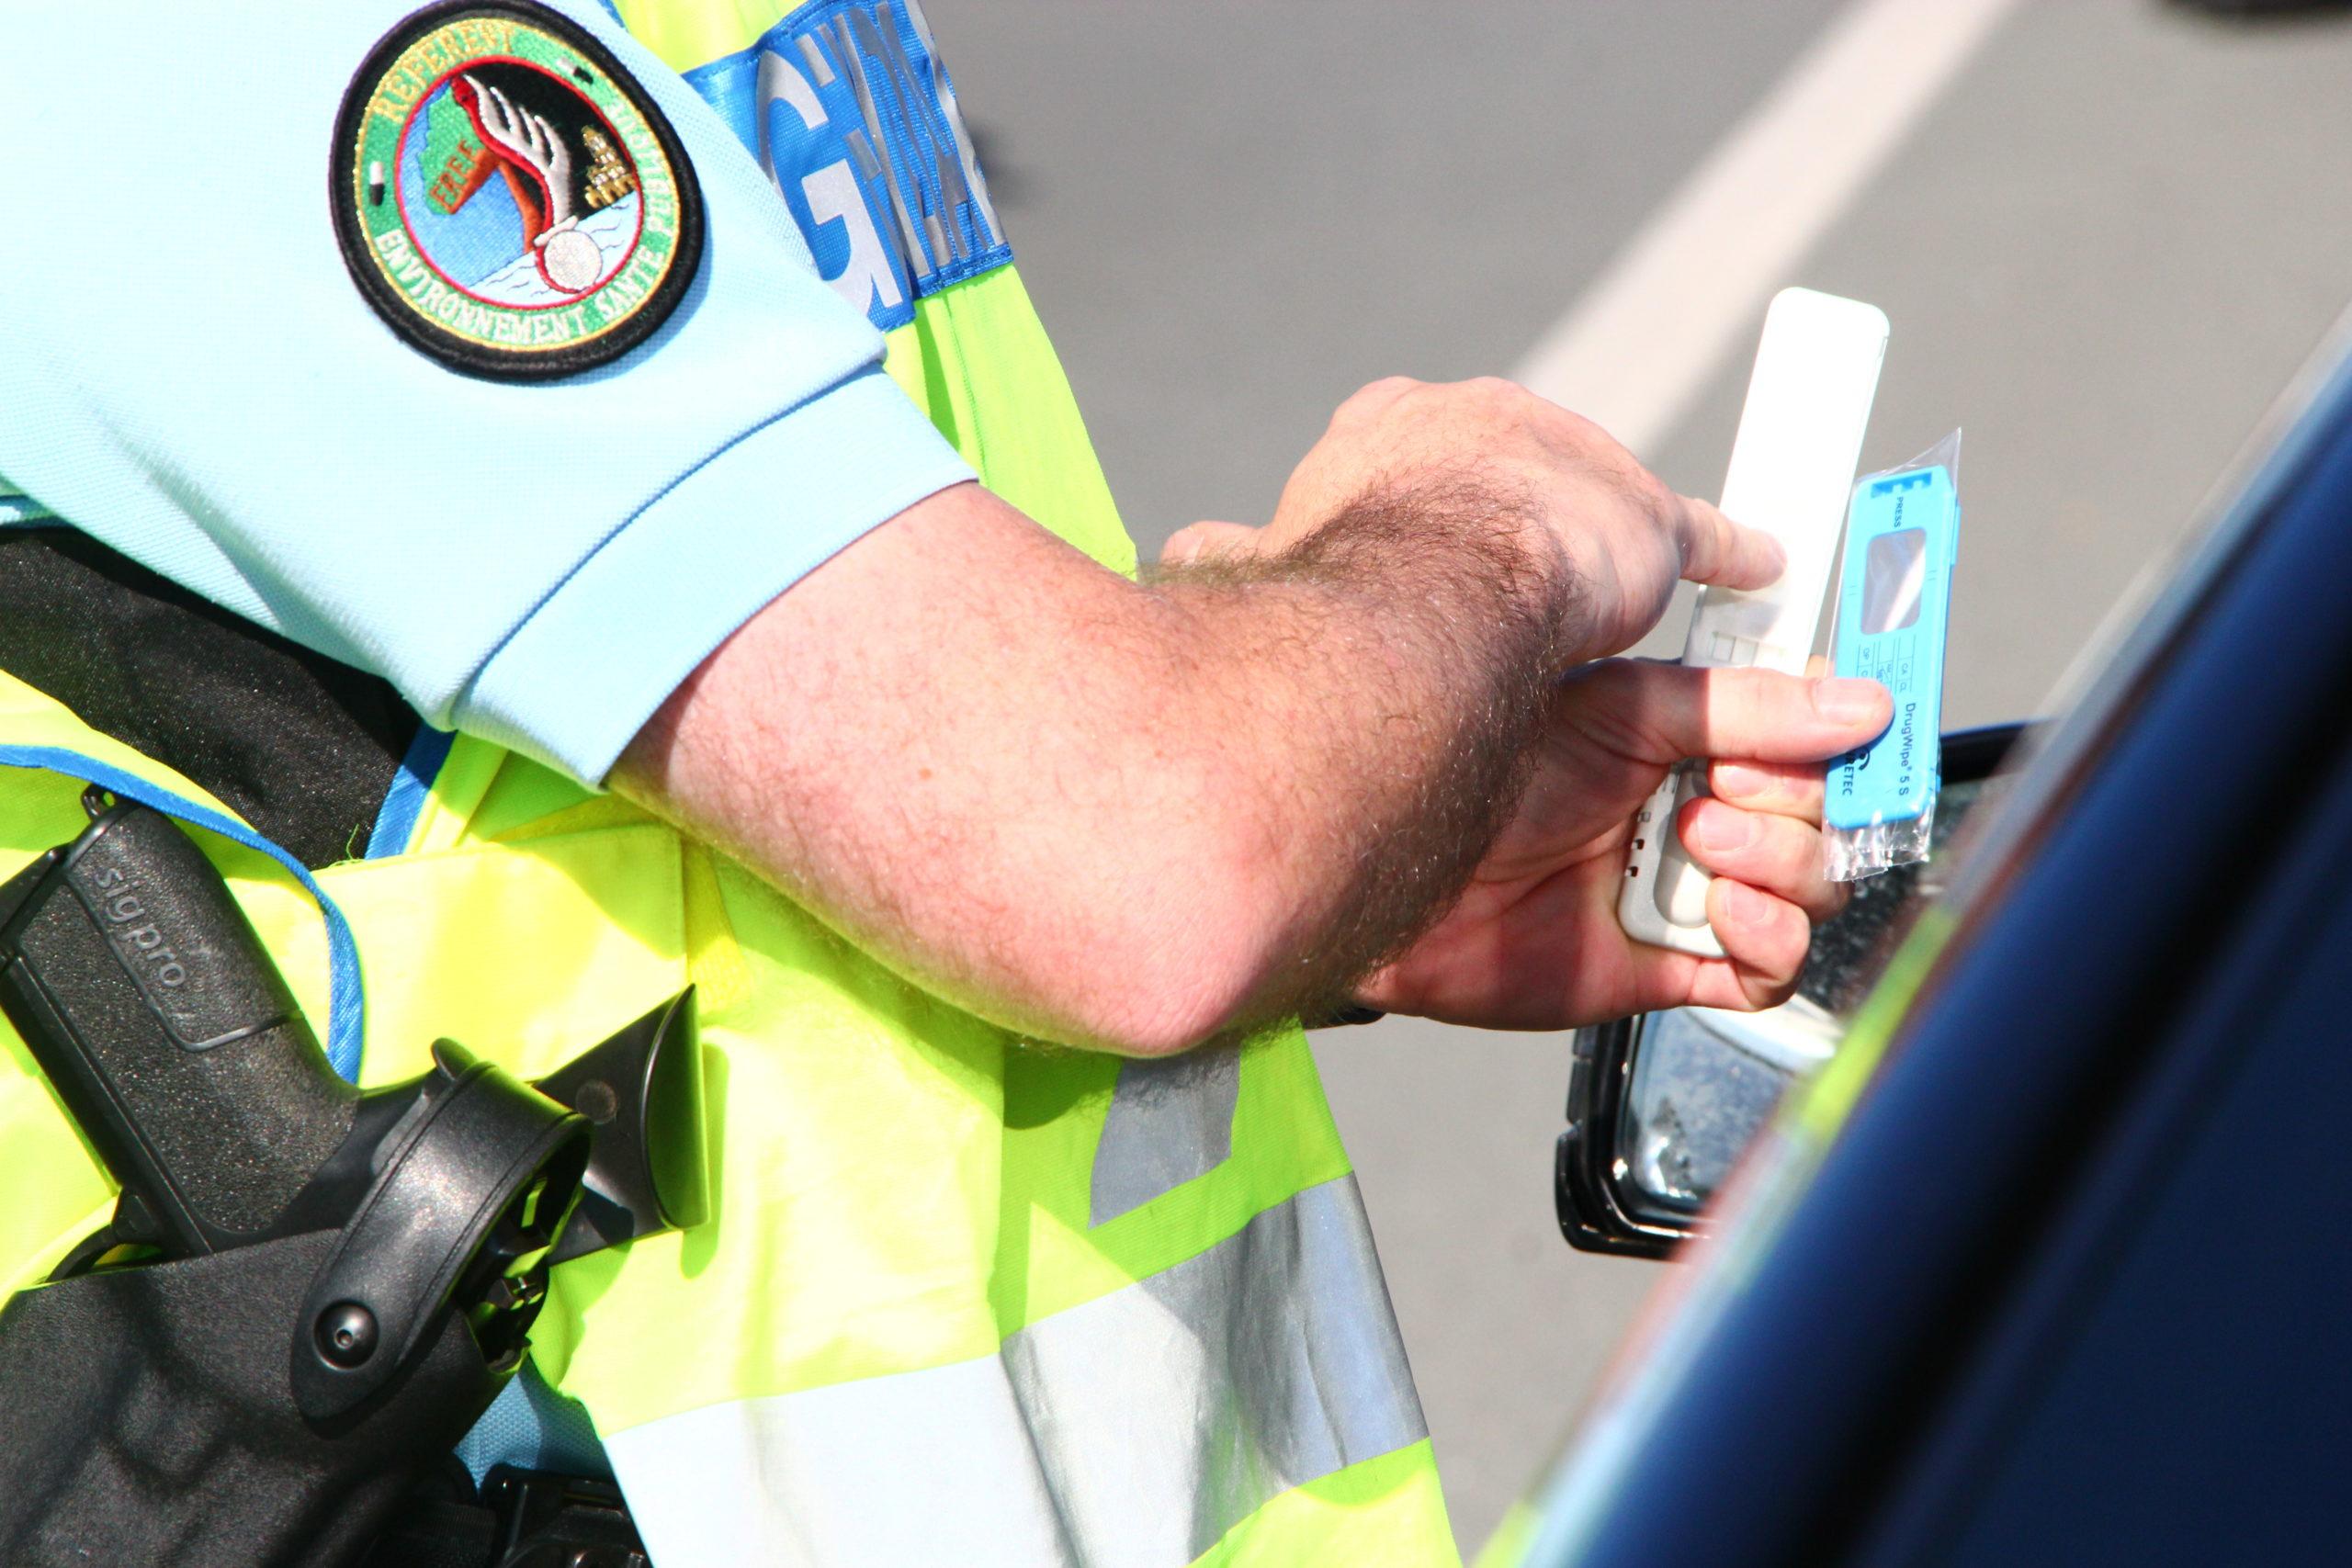 Gendarmerie dépistage stupéfiant 2